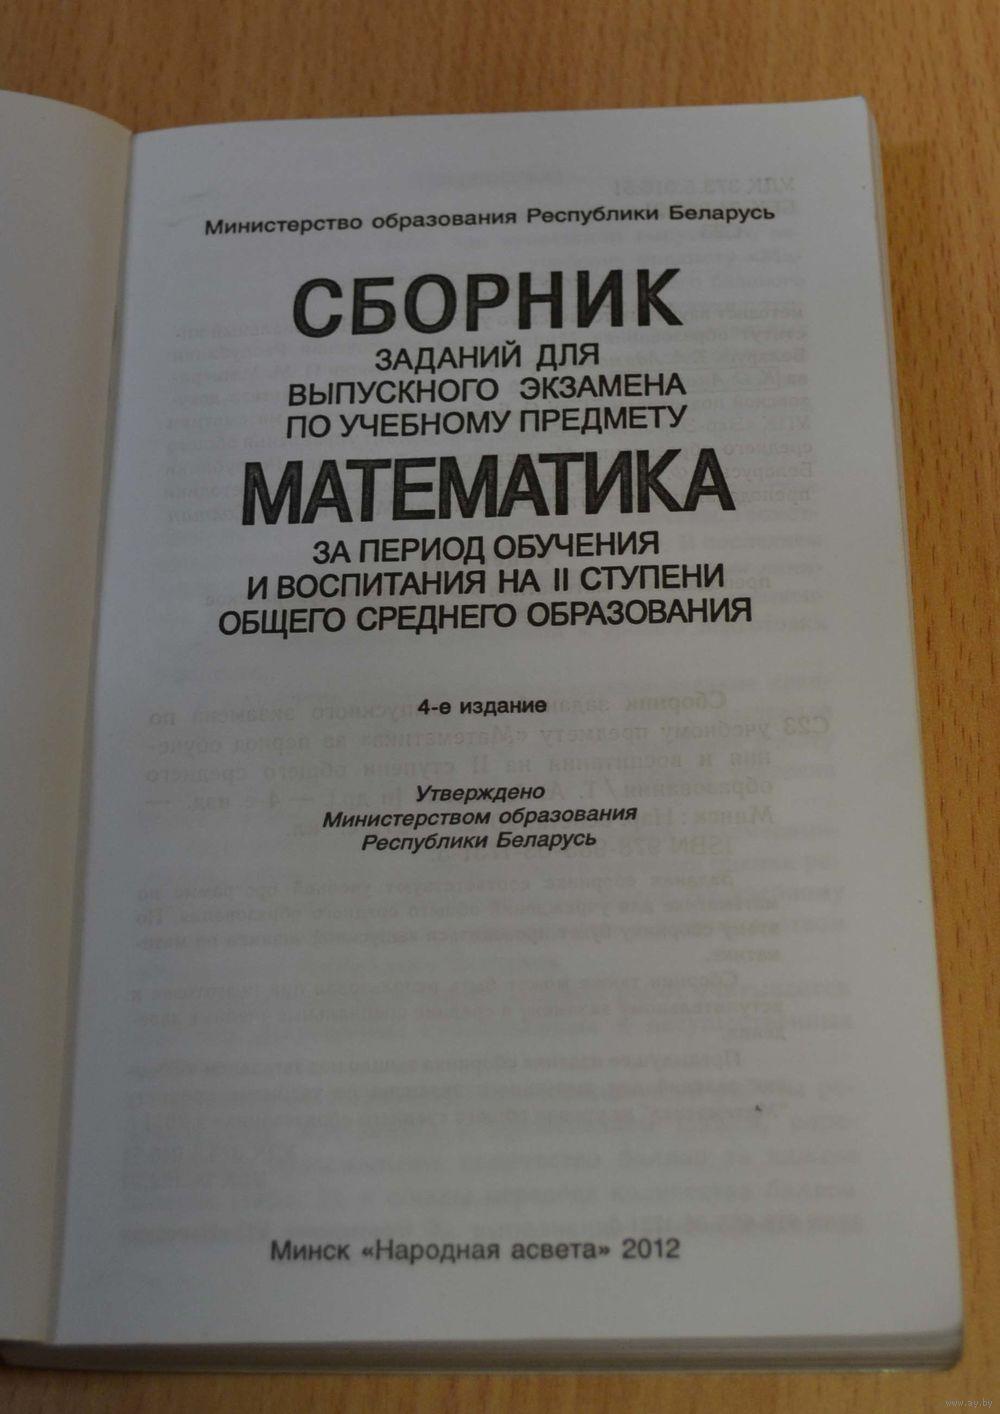 2018 математике по гдз для сборник выпускного заданий экзамена